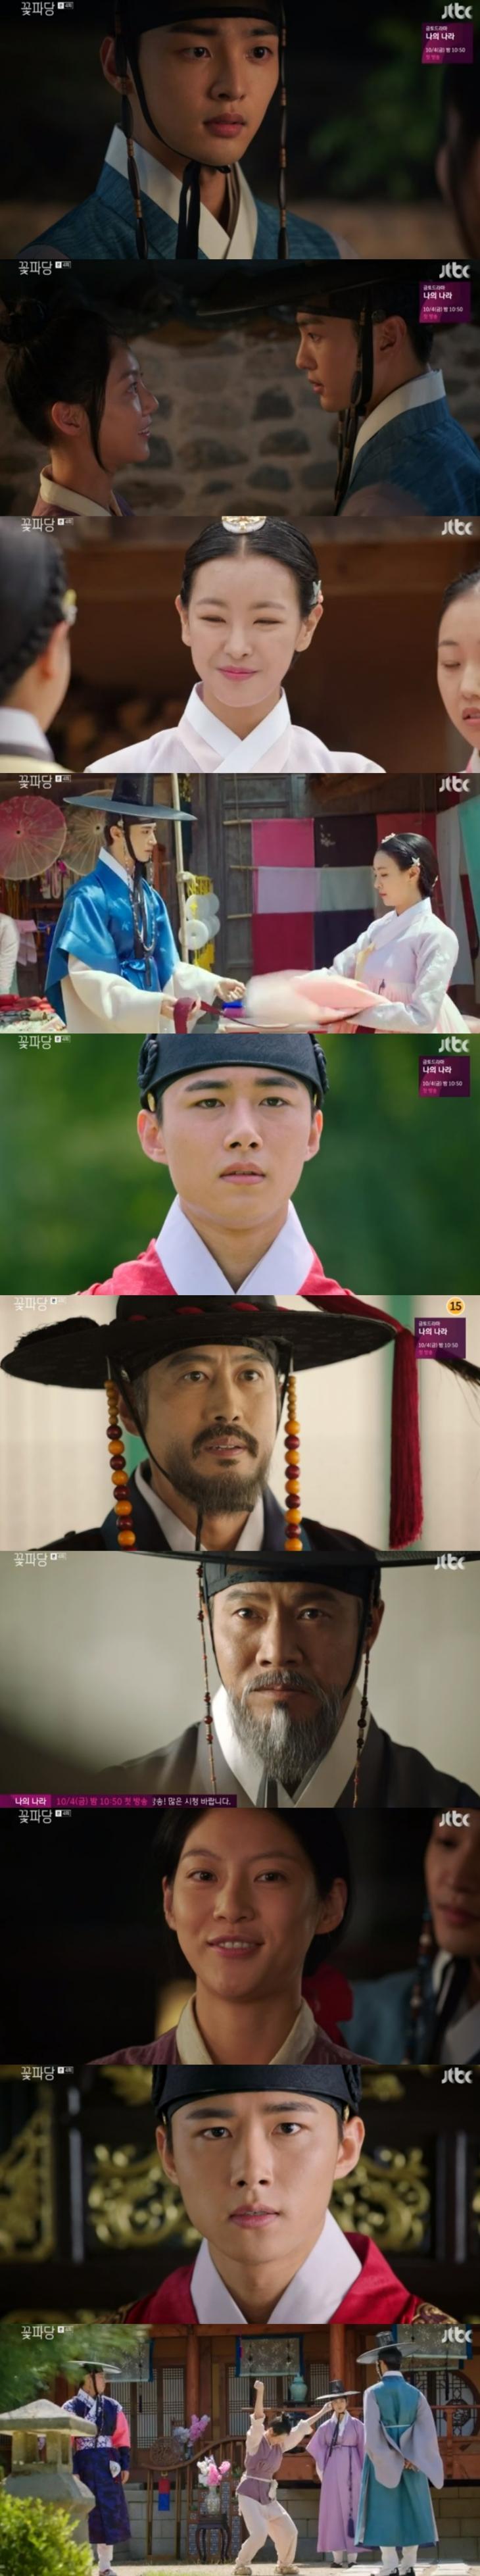 JTBC '조선혼담공작소 꽃파당' 캡처